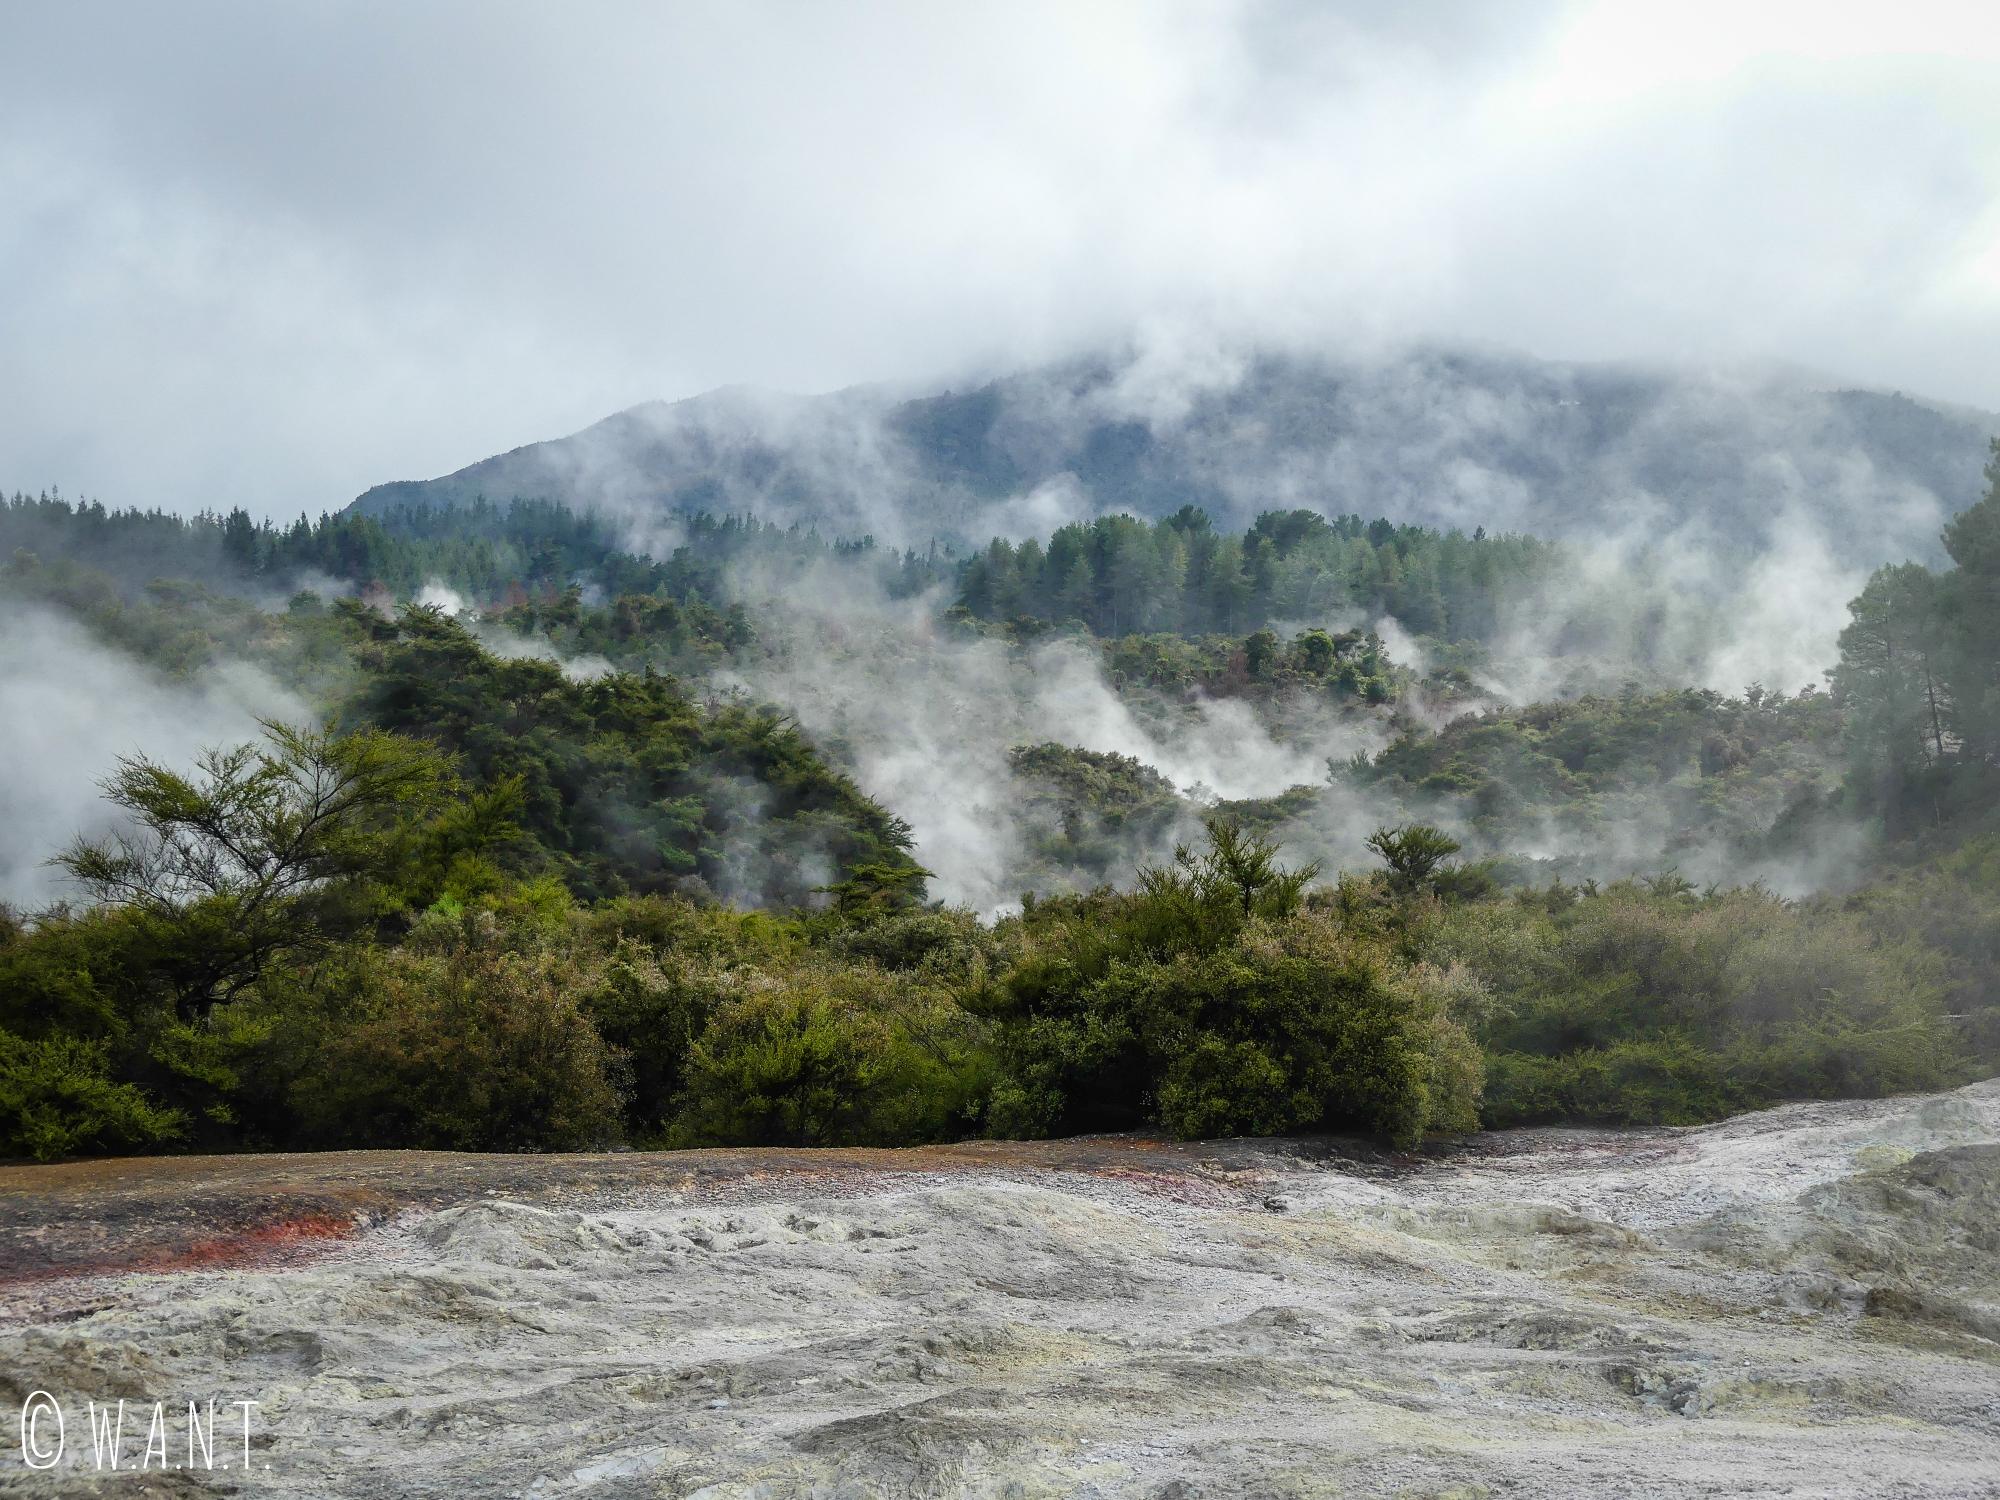 Paysage incroyable du site géothermique et volcanique de Wai-O-Tapu en Nouvelle-Zélande